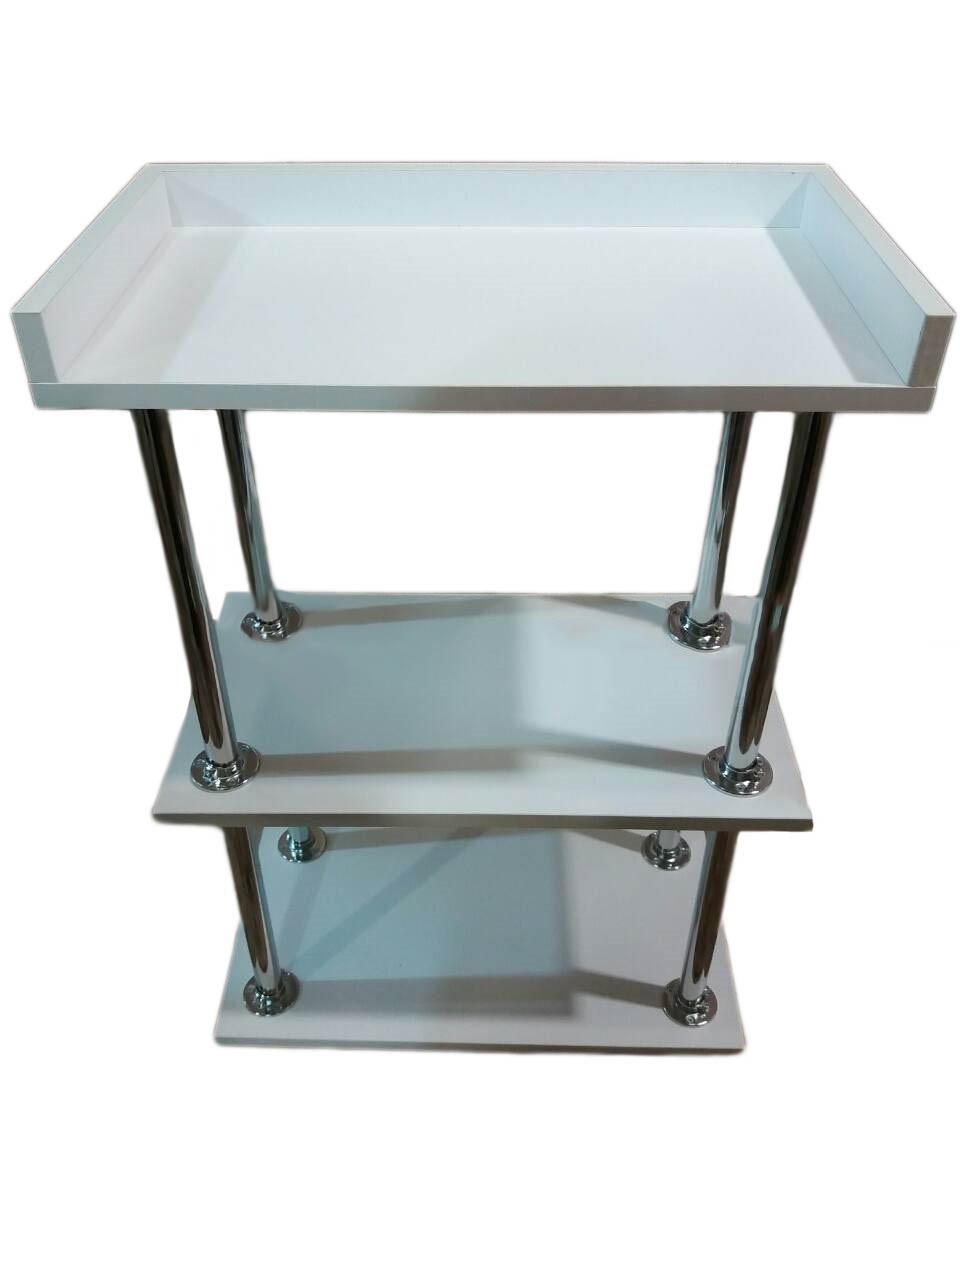 Тележка для маникюра (маникюрный передвижной столик) Уна-6